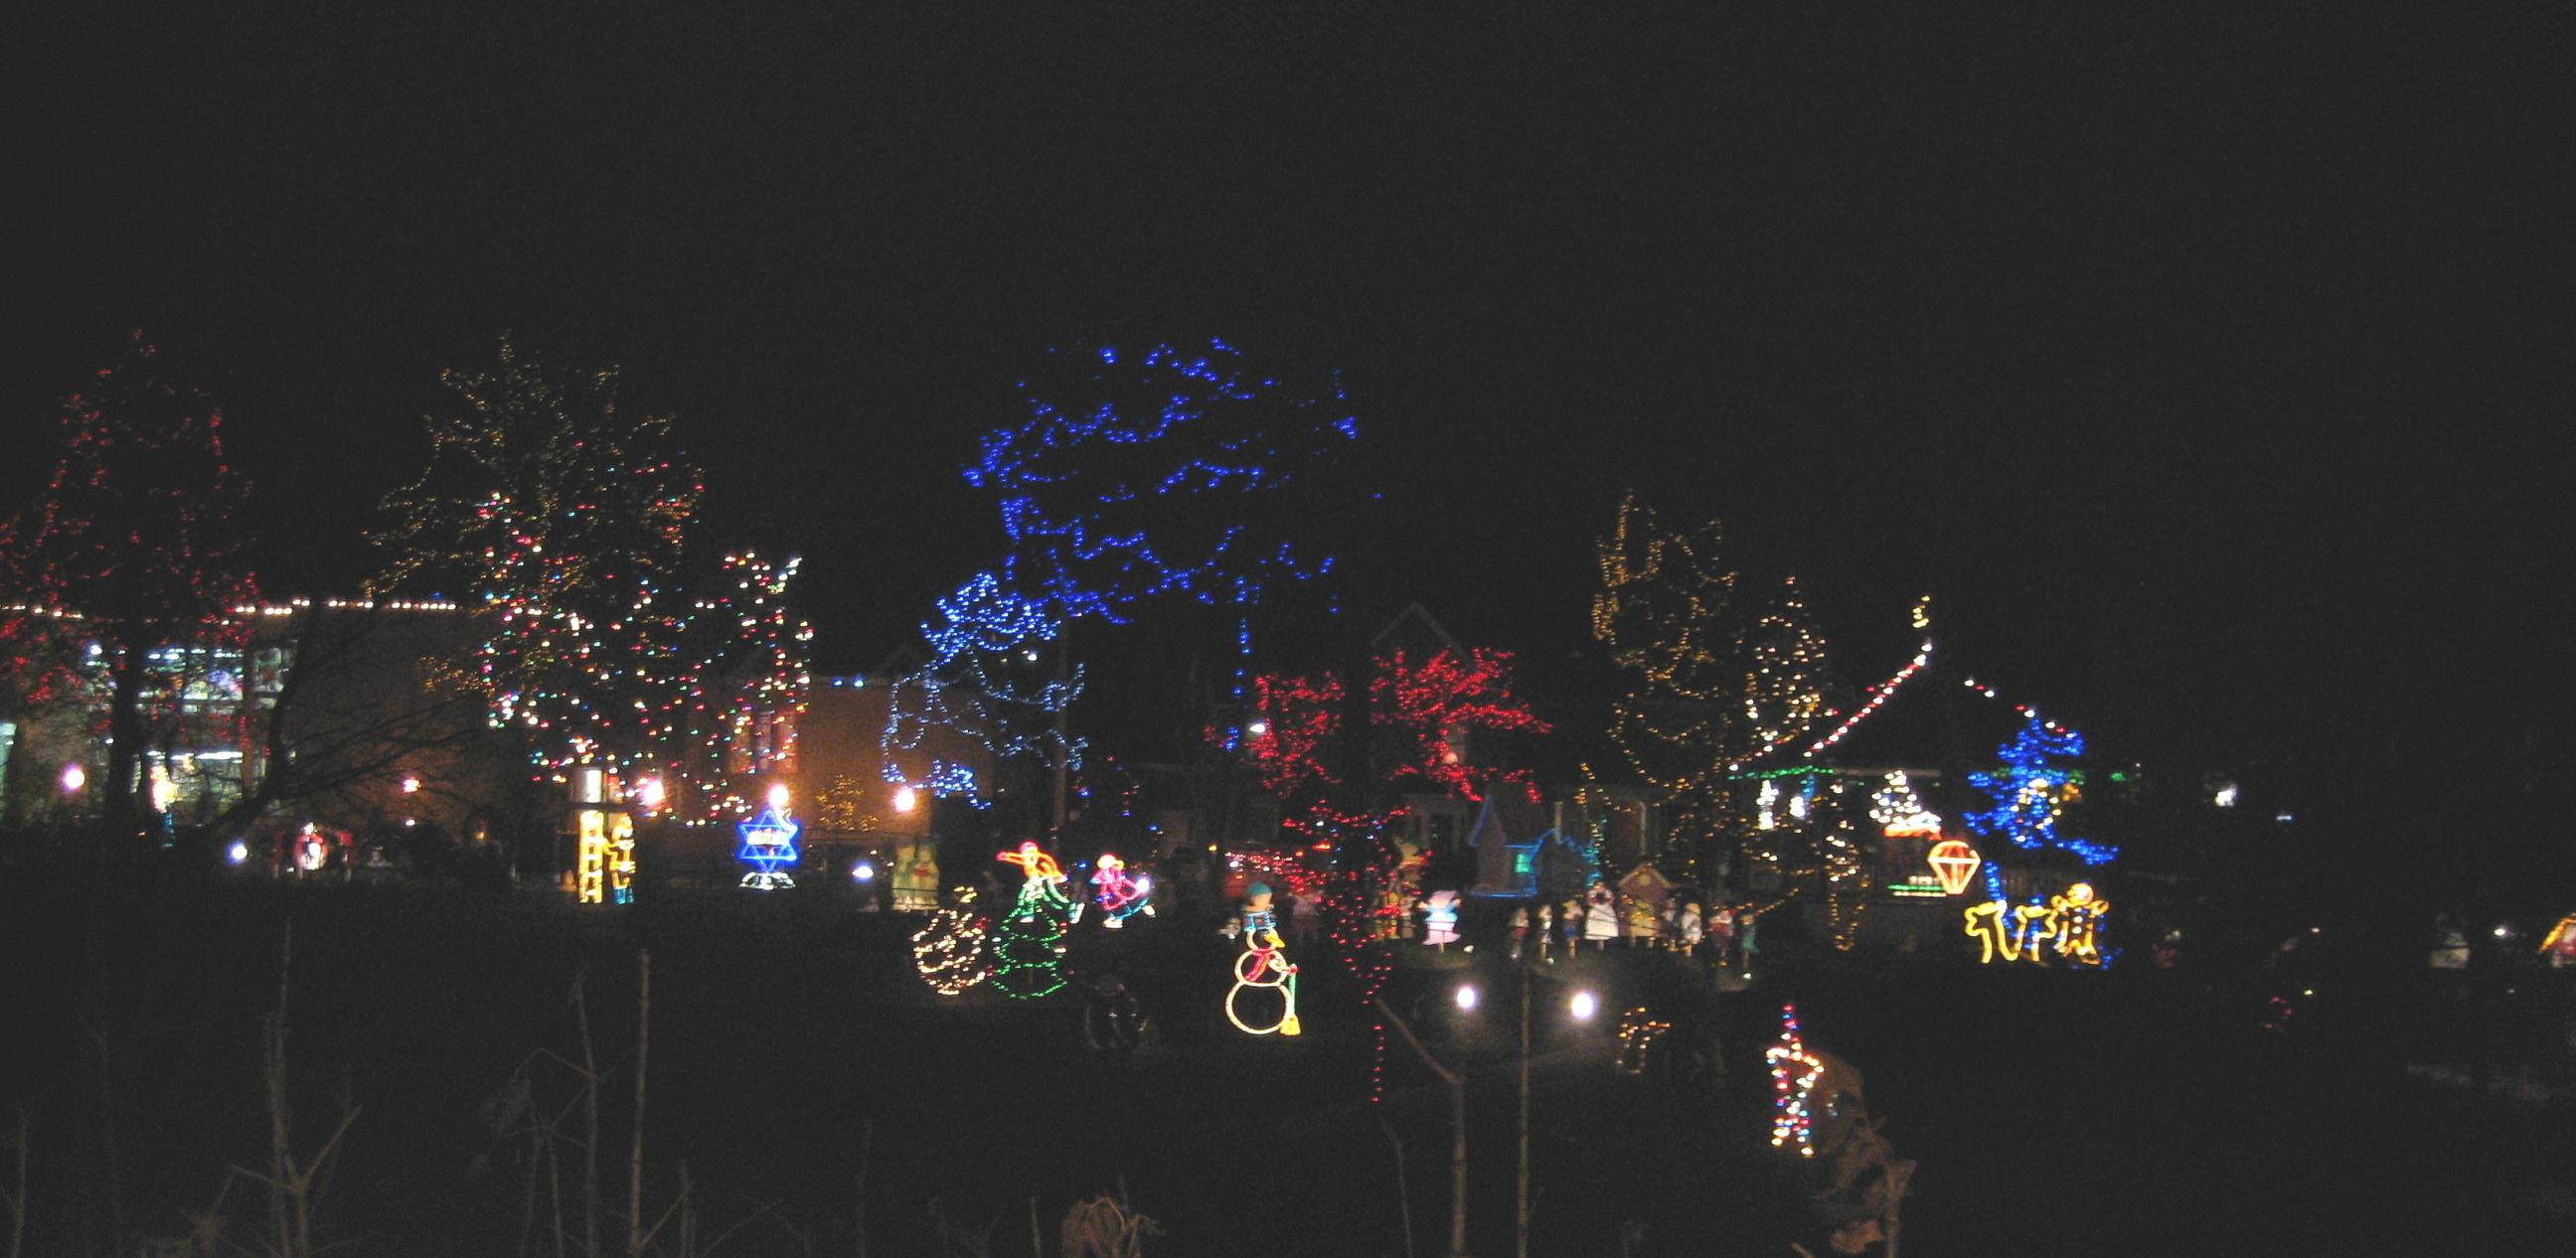 Festival Northern Lights Owen Sound